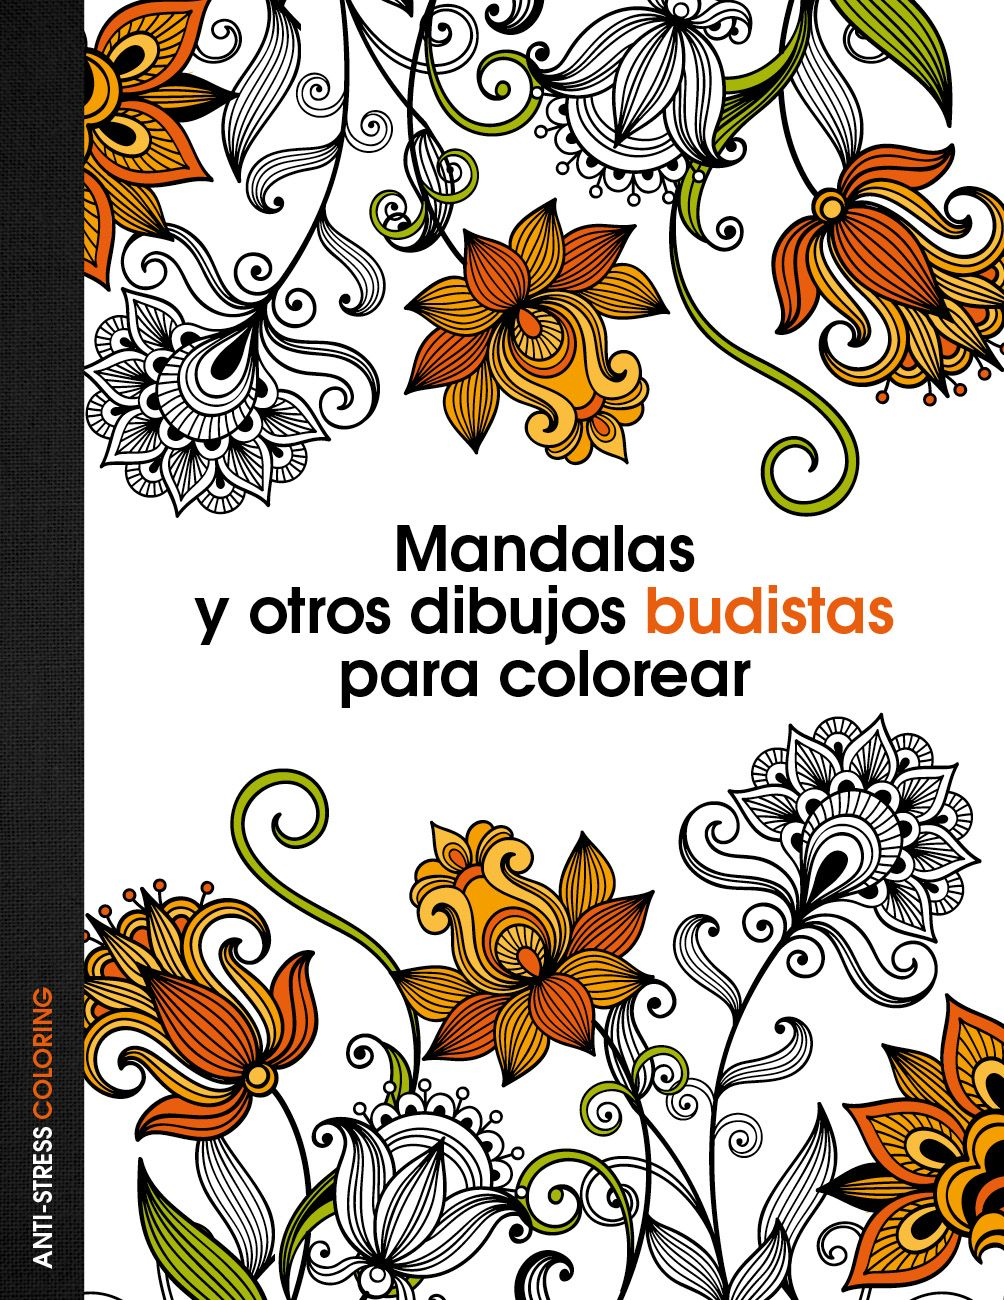 Mandalas y otros dibujos budistas para colorear. | 5 Mandalas, Arte ...